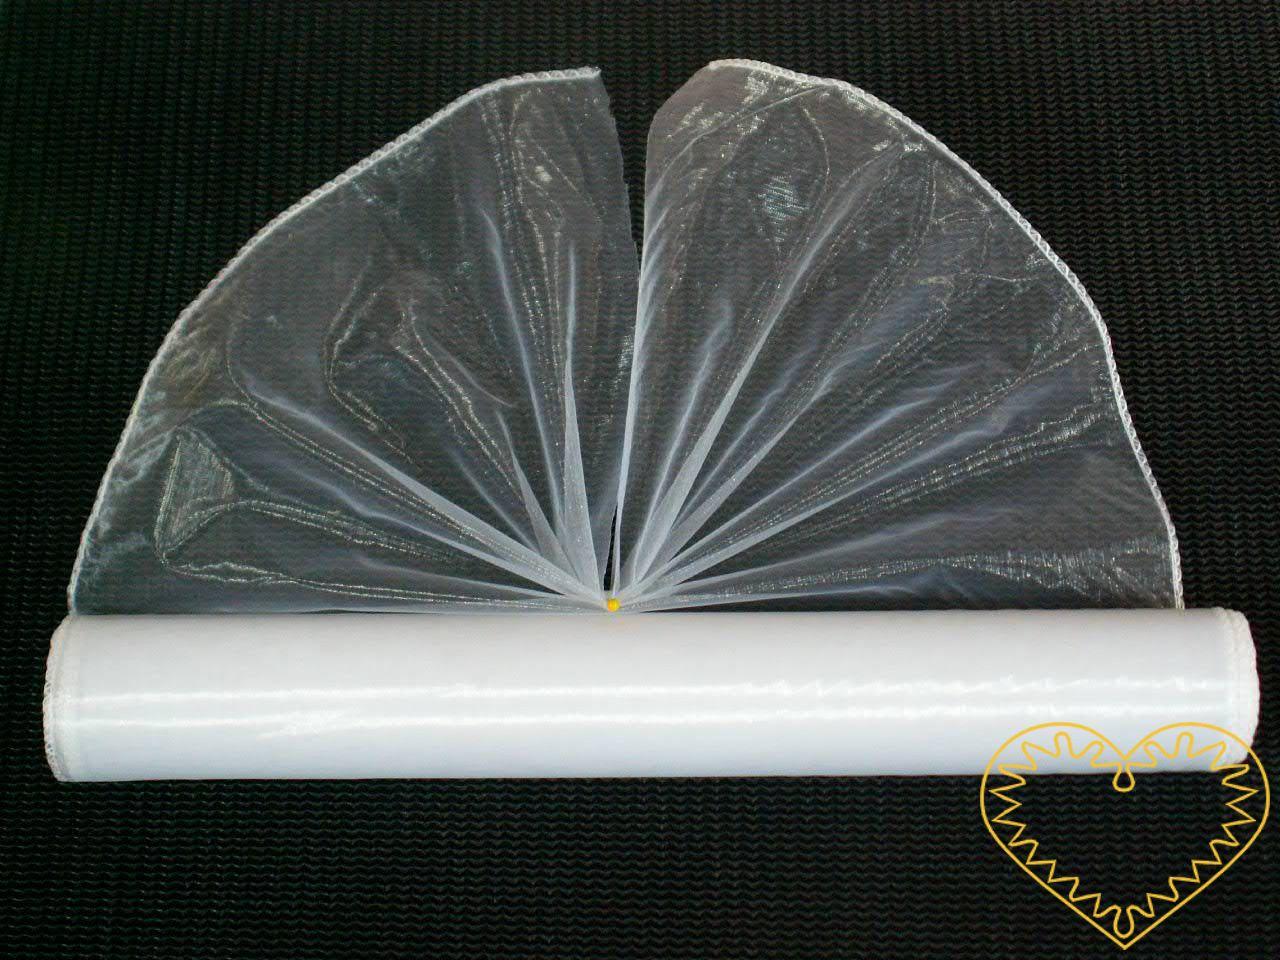 bílá organza šíře 38 cm a délky 8,22 m, z obou stran obroubená. Vhodná k dekorování, šití, aranžování, pro výzdobu slavnostní tabule, balení dárků, výrobu ozdob apod.